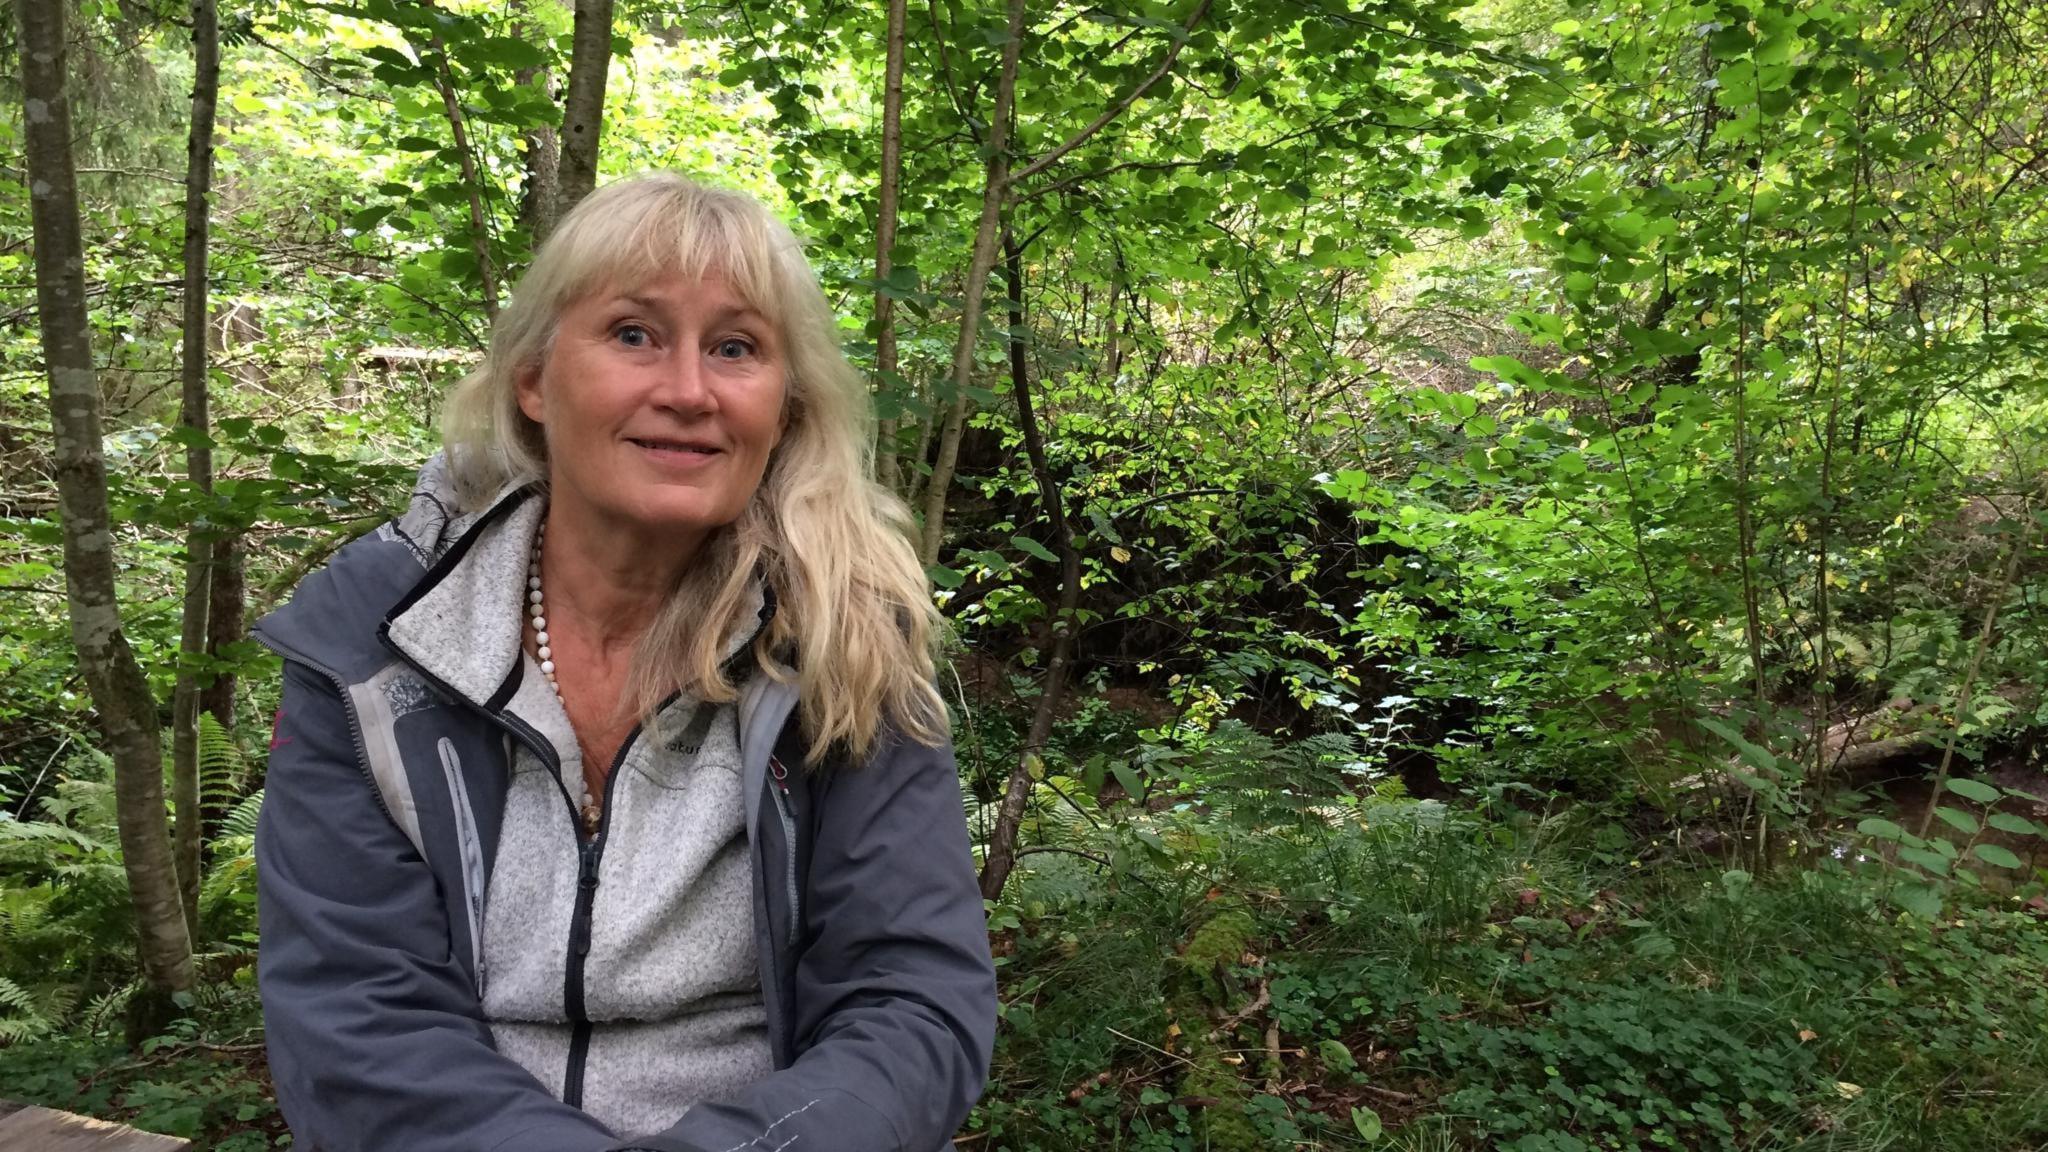 Kvinna i skog. Eva Sanner har skrivit boken Naturens hemlighet och vill få oss att få en bättre relation med naturen. Då mår både natur och människa bättre.